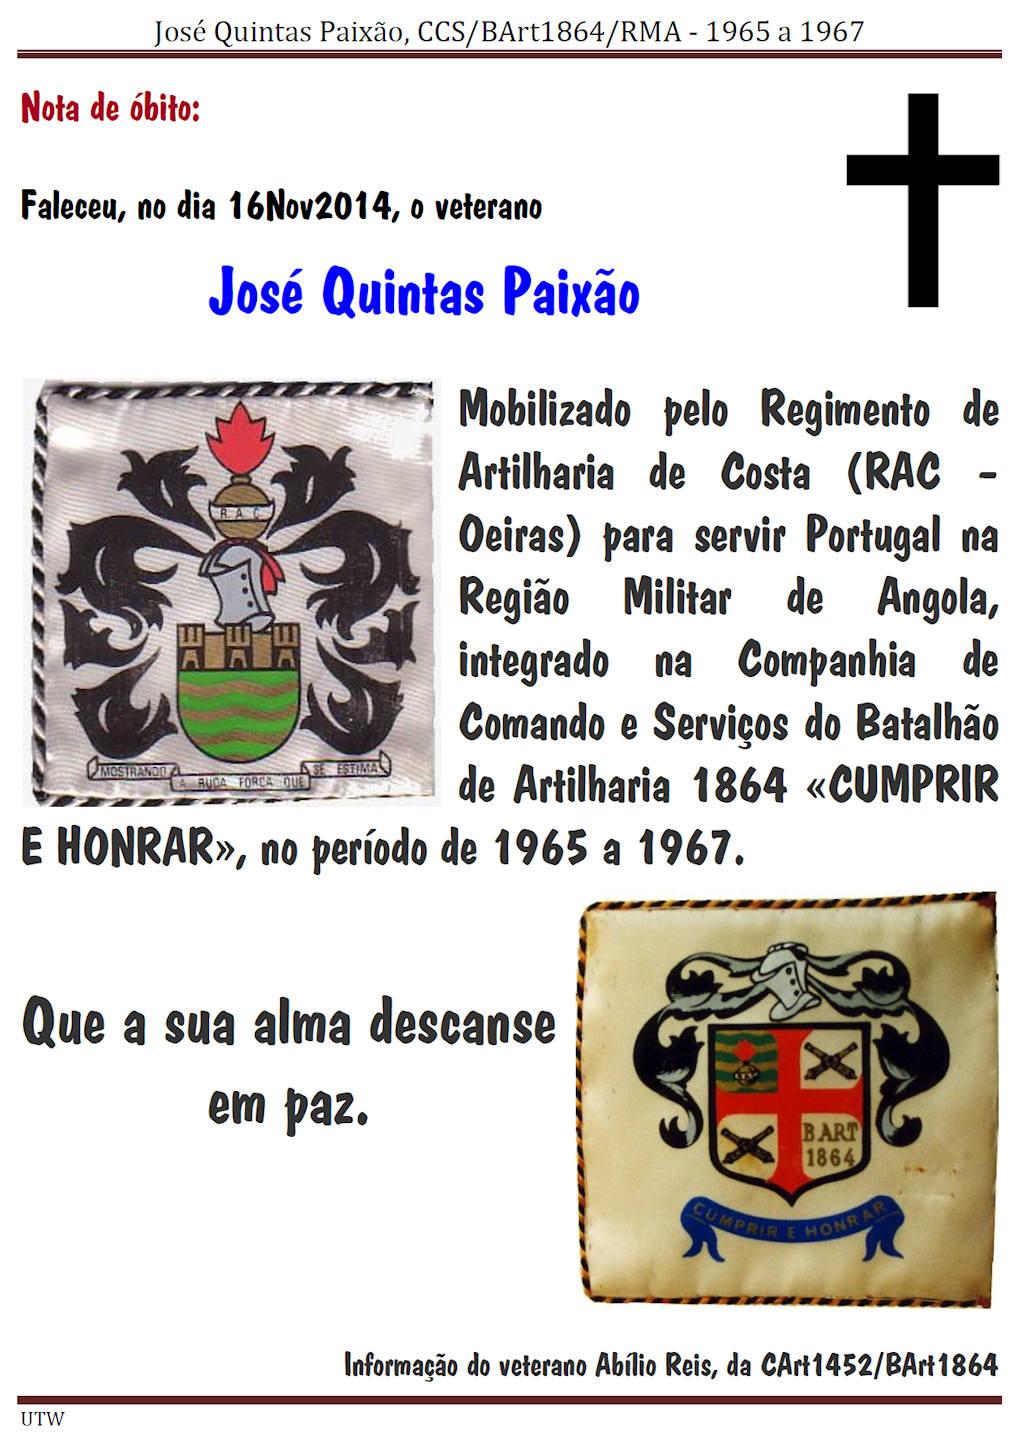 Faleceu o veterano José Quintas Paixão, da CCS/BArt1864/RMA - 16Nov2014 Josequ12